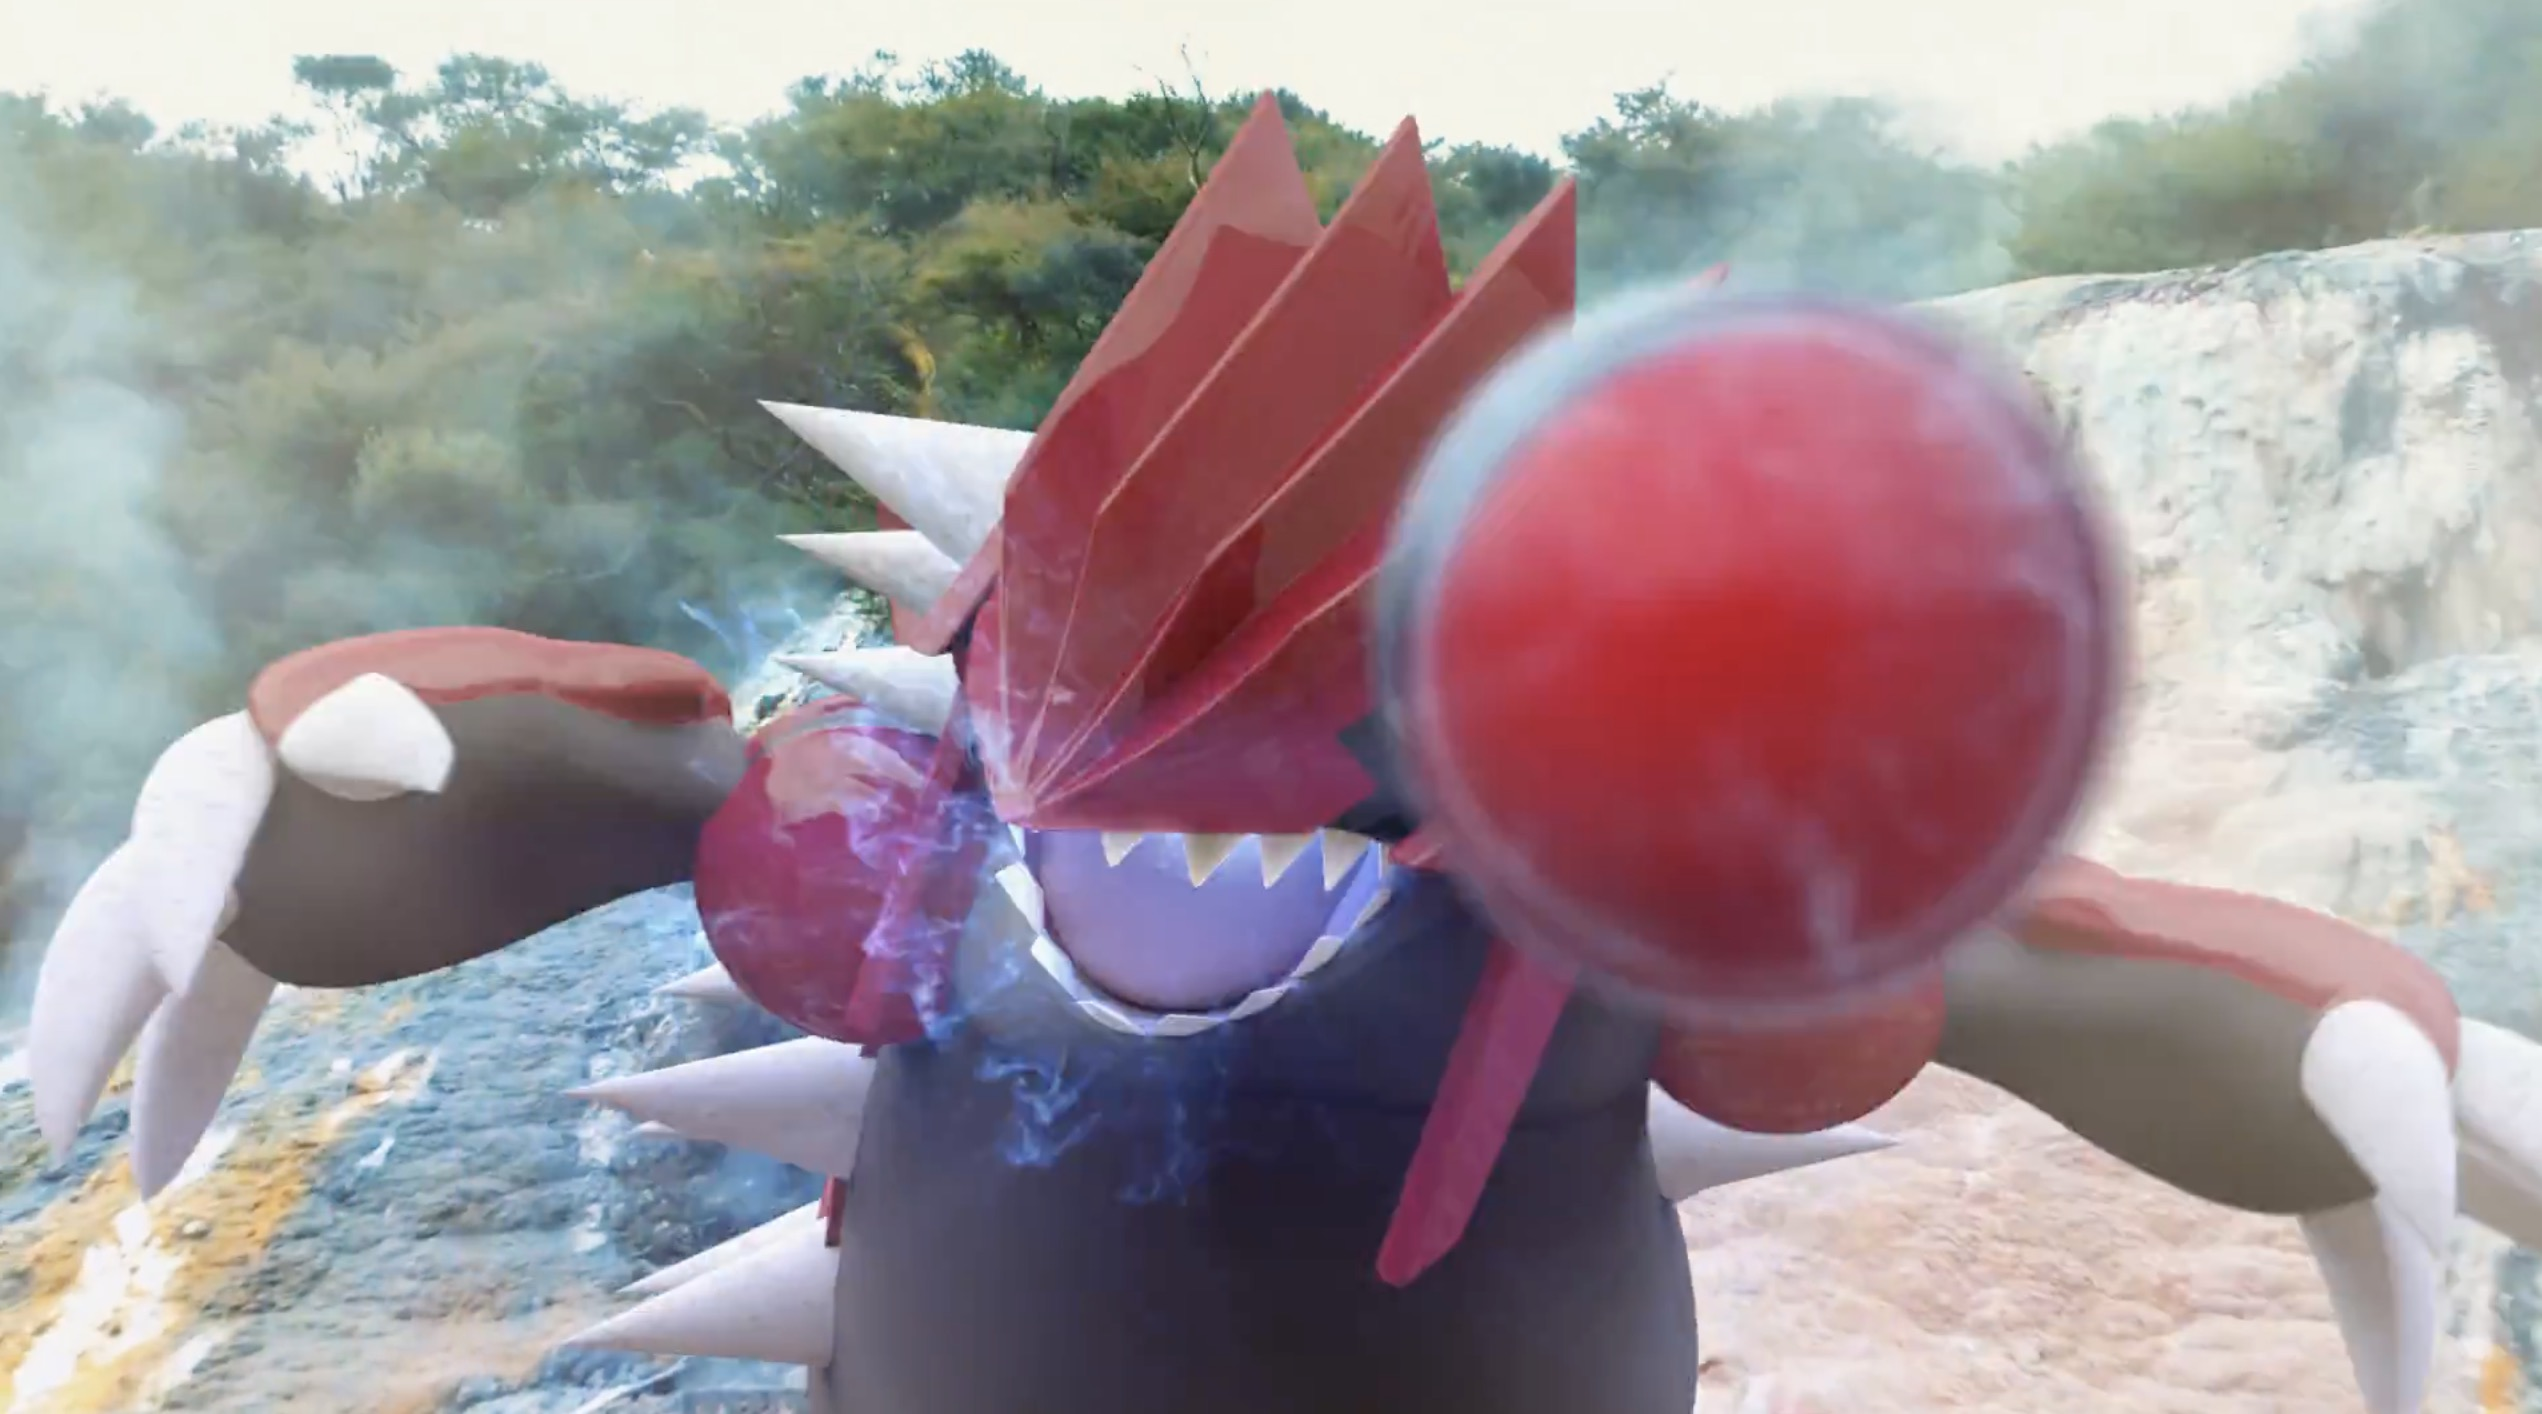 【ポケモンGO】グラードン捕獲に関して色んなオカルトが飛び交っている!?ルーレット説とは一体…